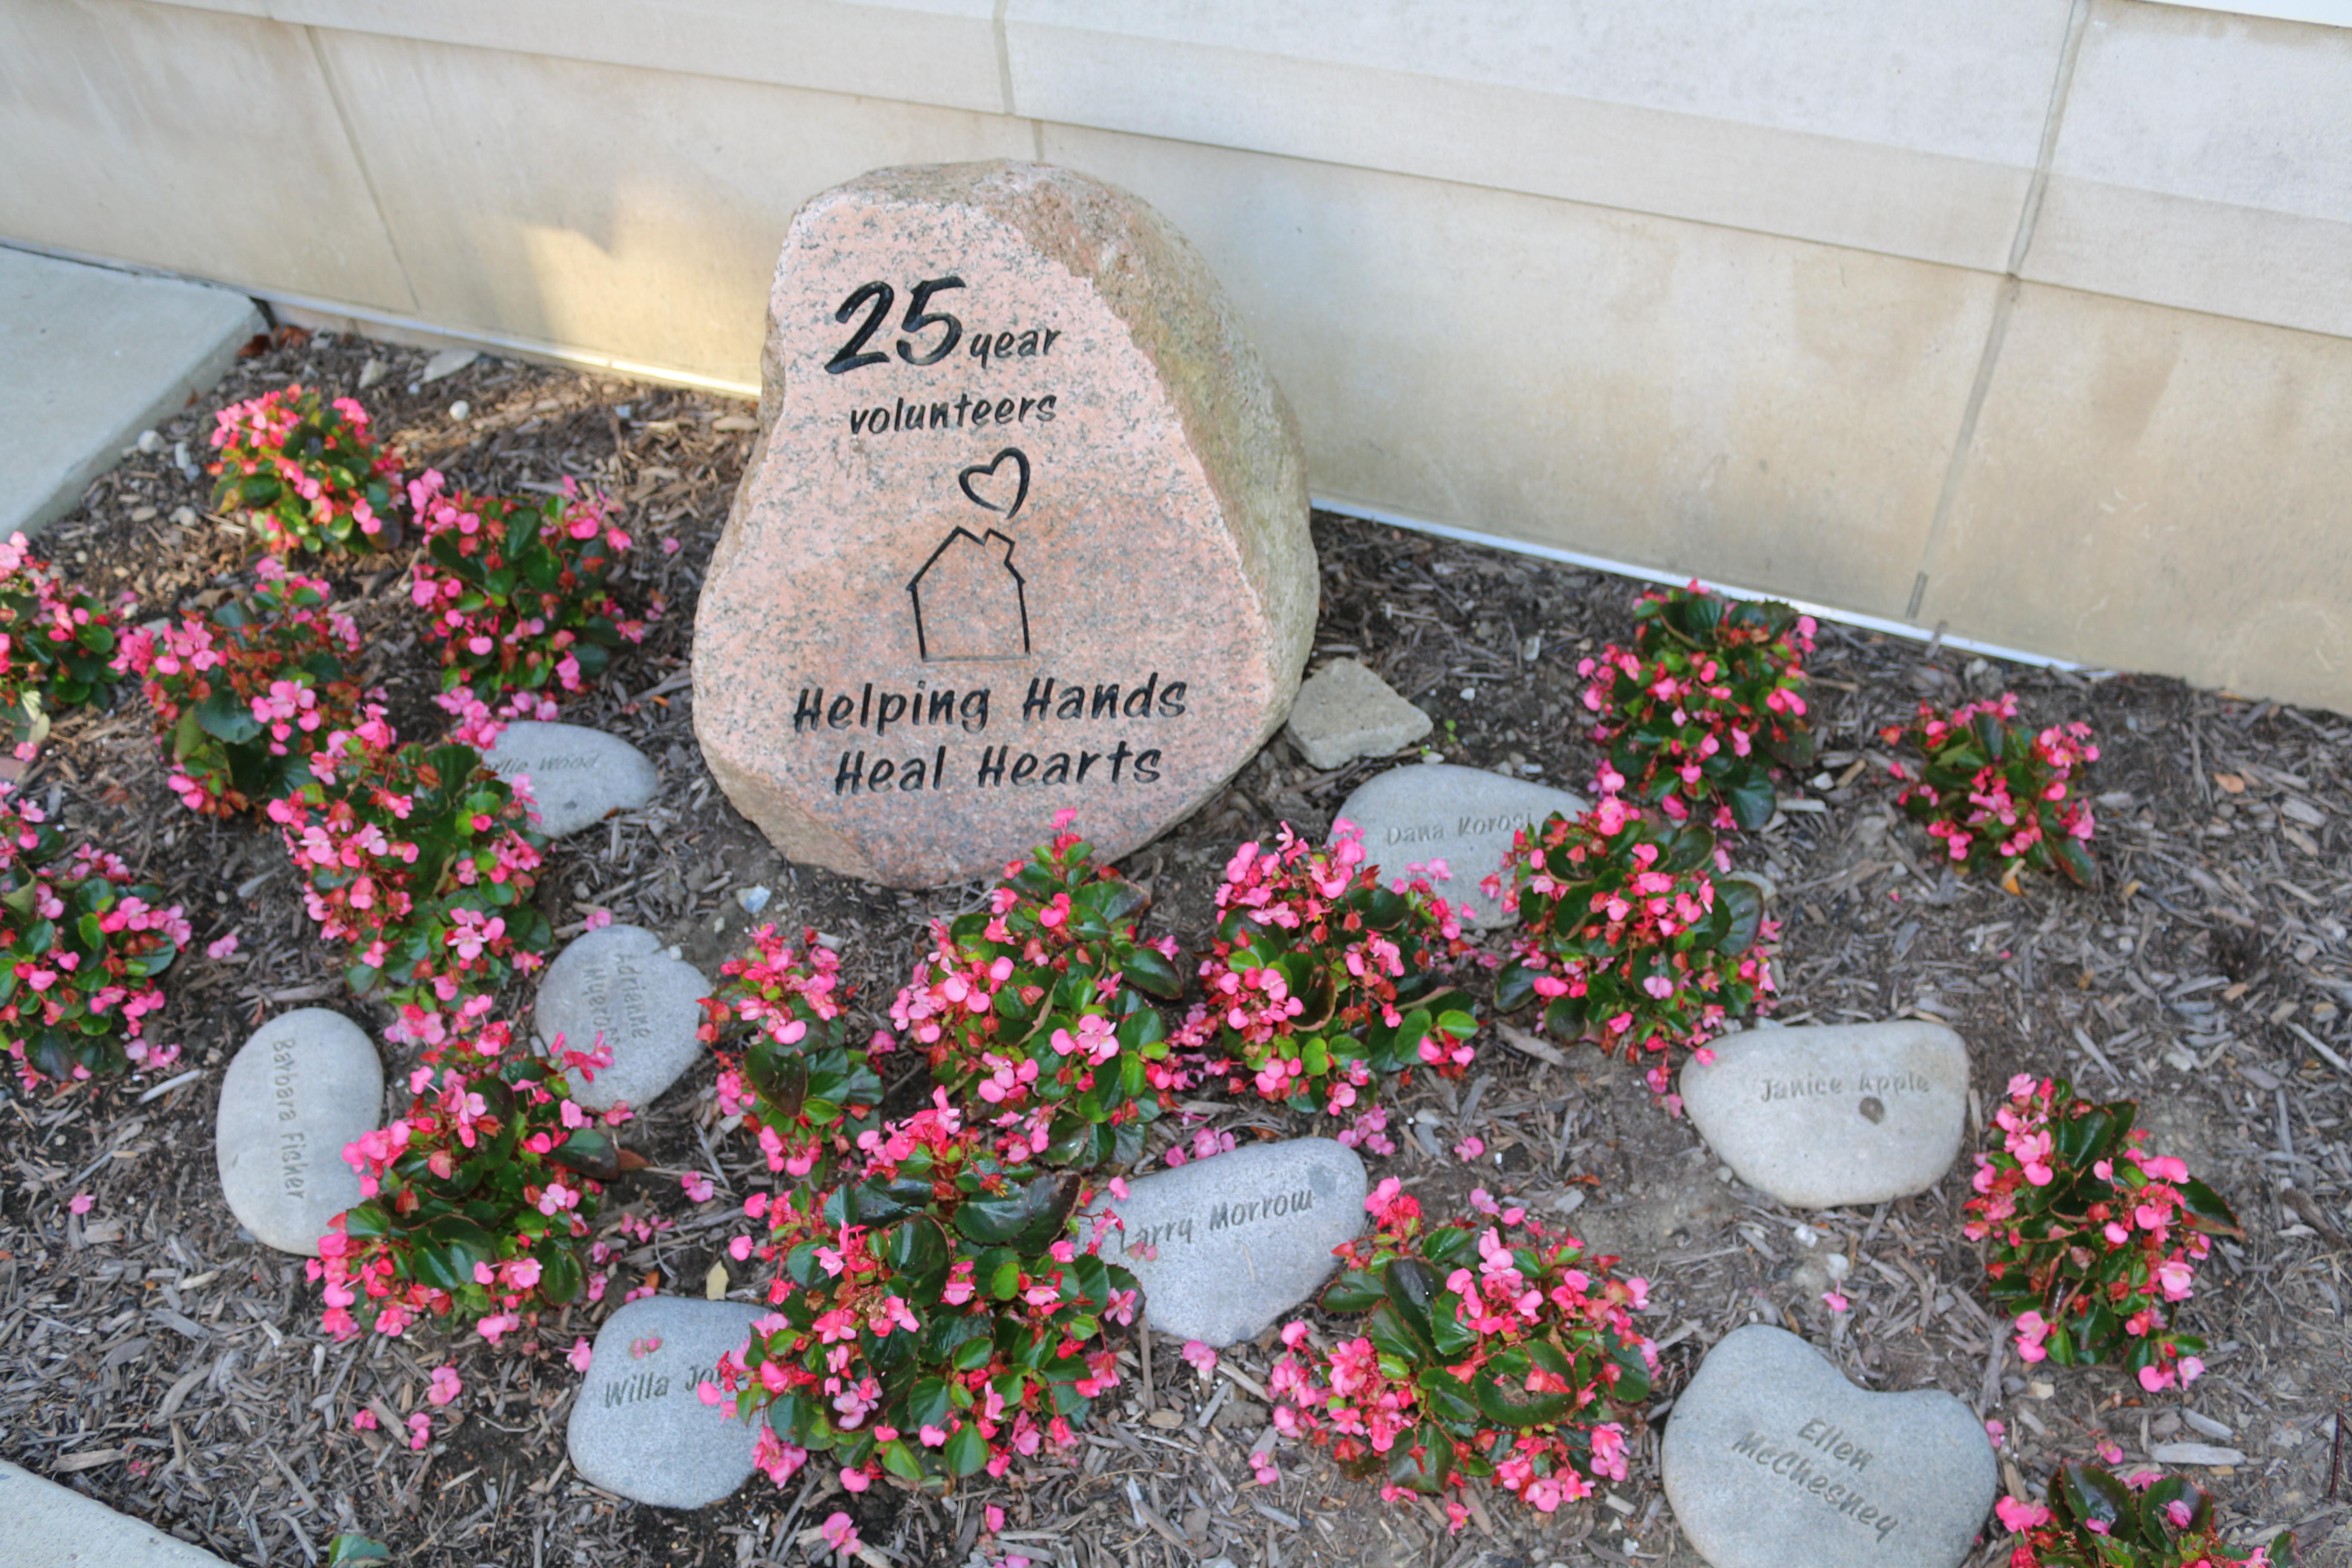 25 Year Volunteer Garden